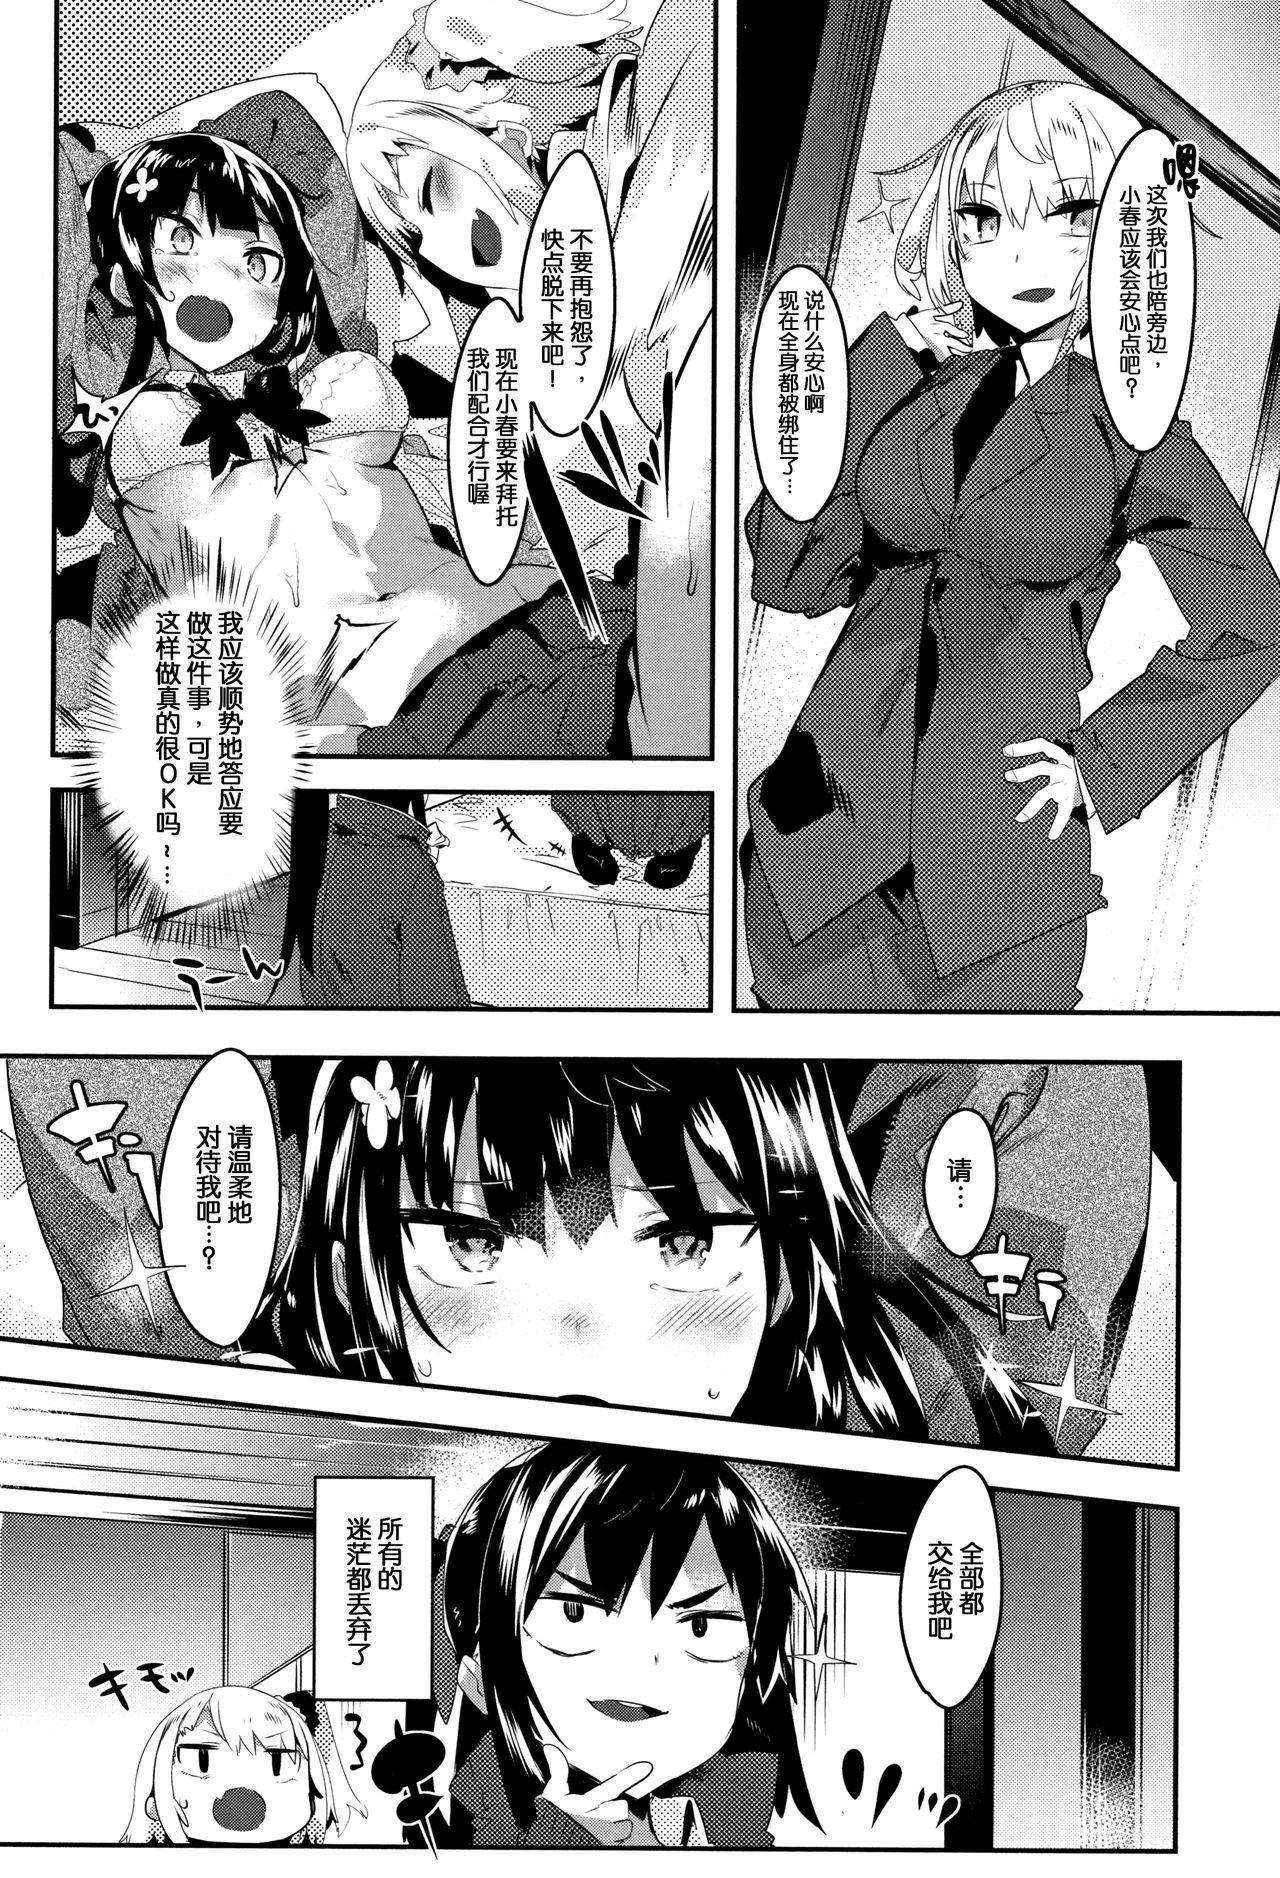 Hatsukoi Engage 58